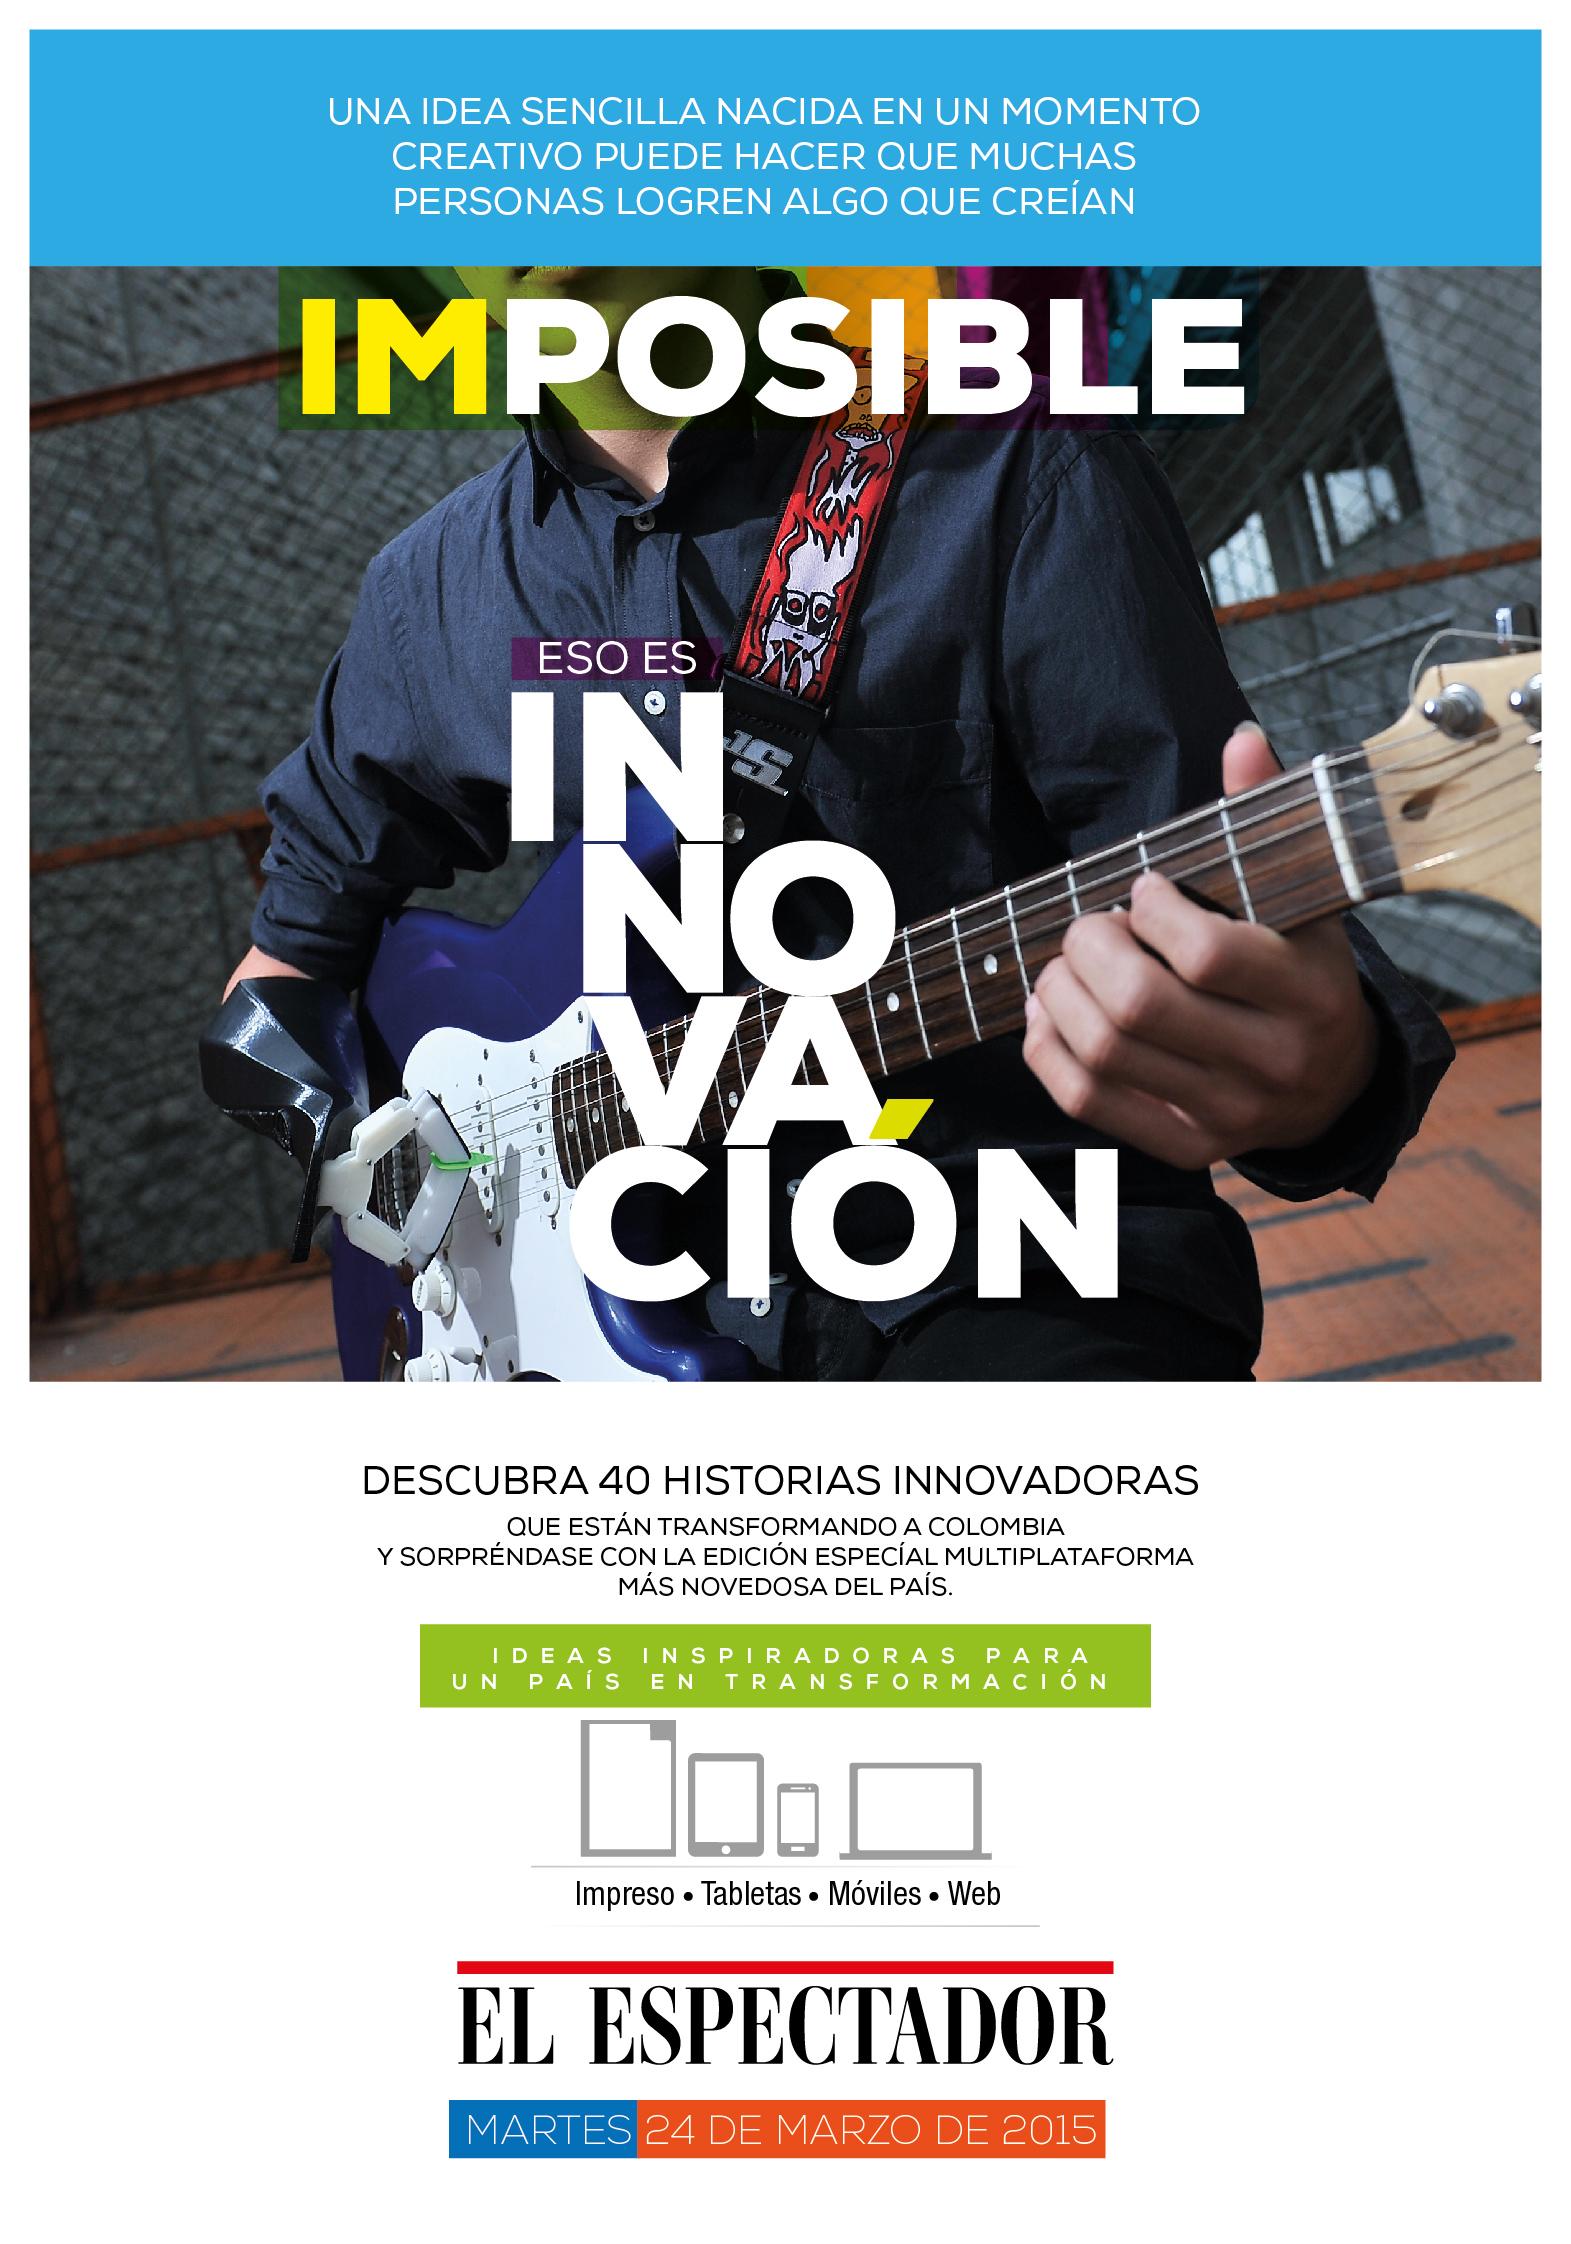 EDICION DE INNOVACION ANIVERSARIO 128